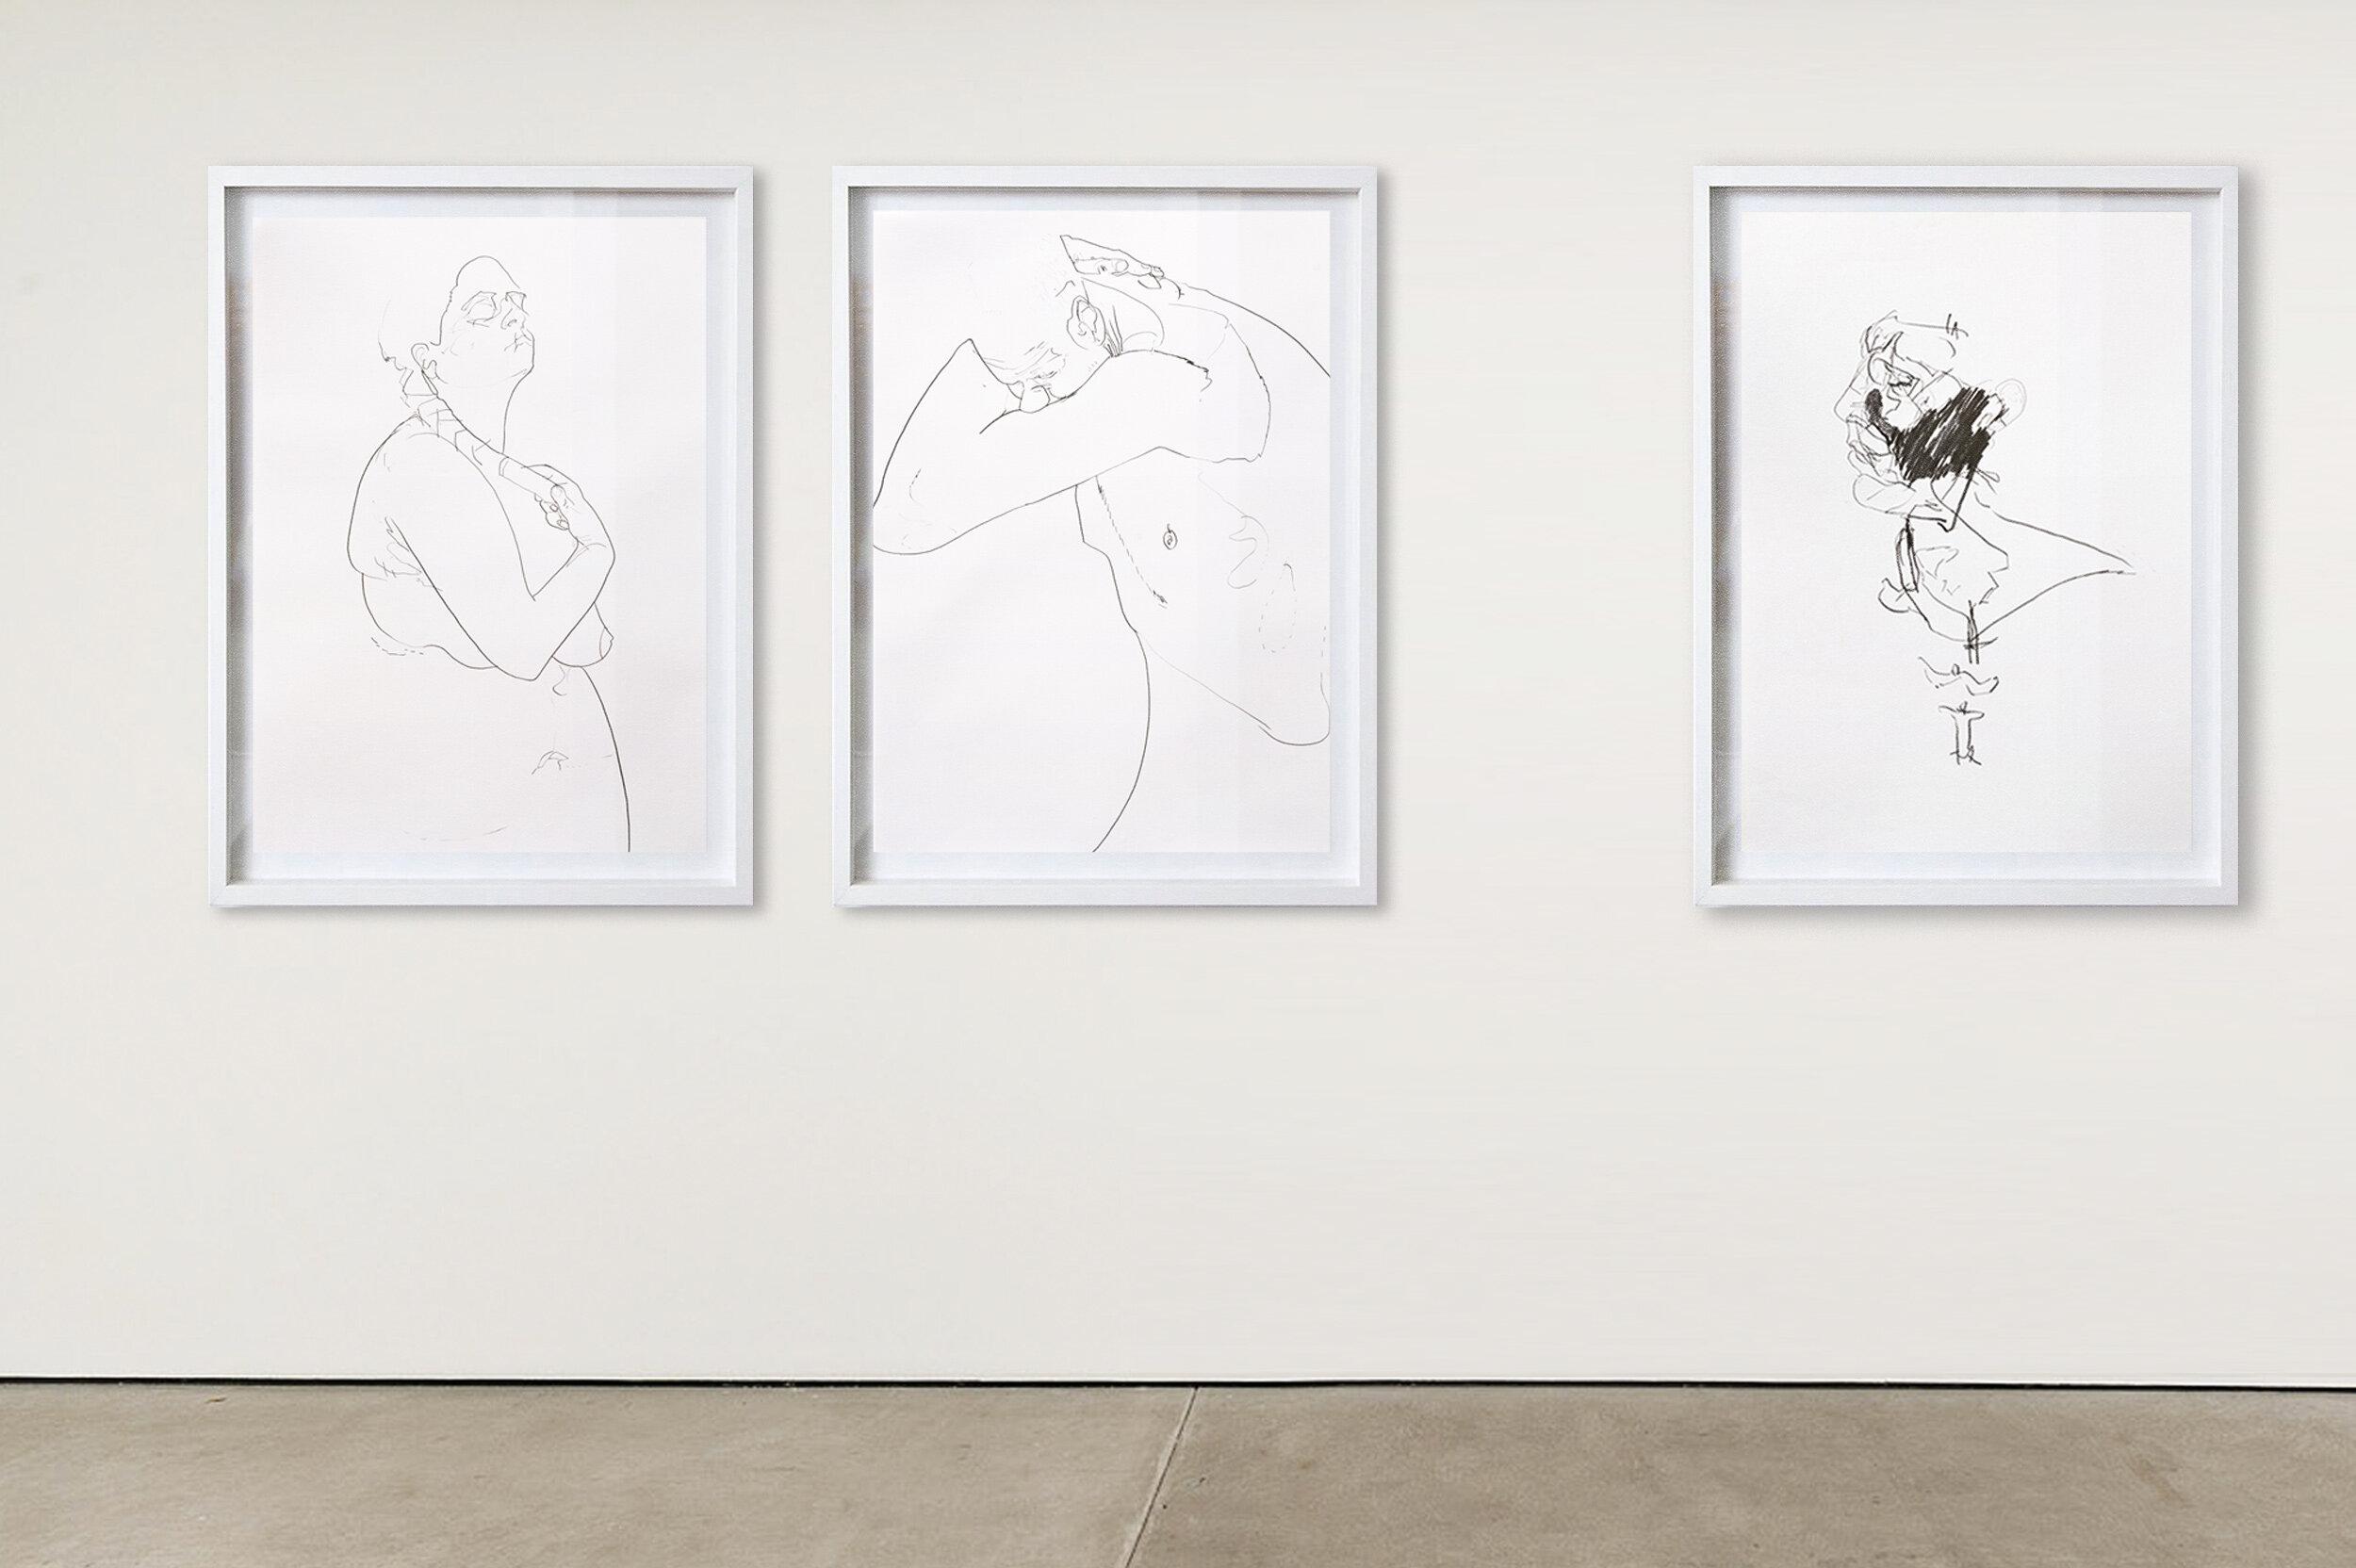 nicholas-hutcheson-drawings-hanging-in-gallery.jpg